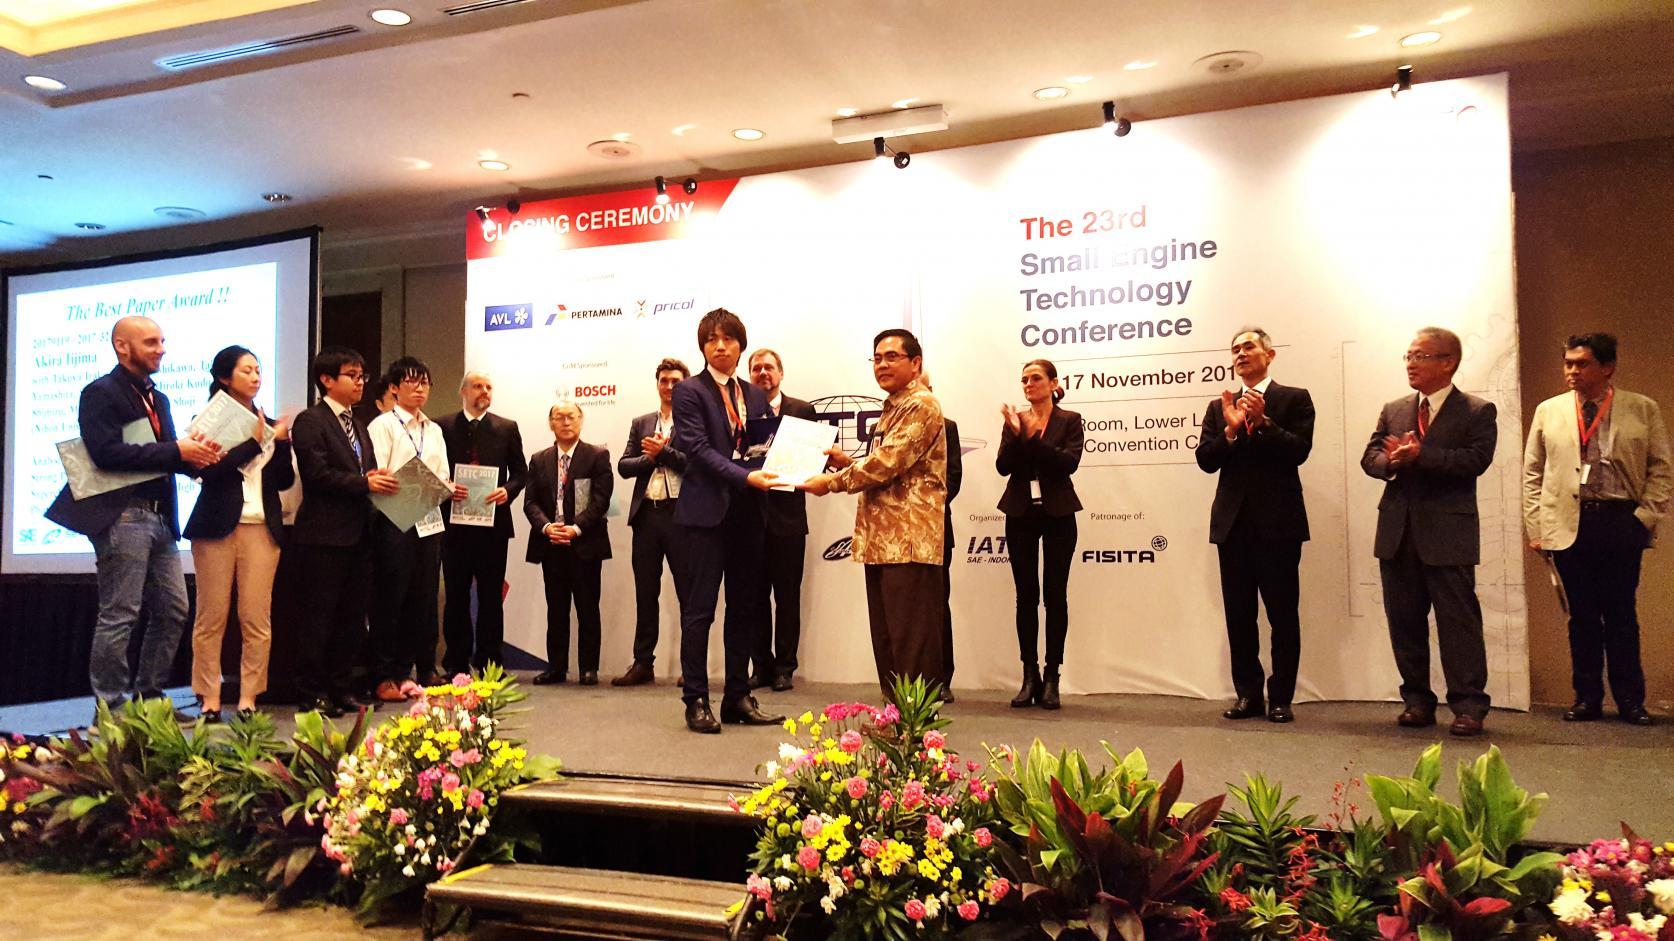 機械工学科の吉田幸司教授と飯島晃良准教授が、JSAE/SAE International Small Engine Technology Conference において、ダブル受賞しました。